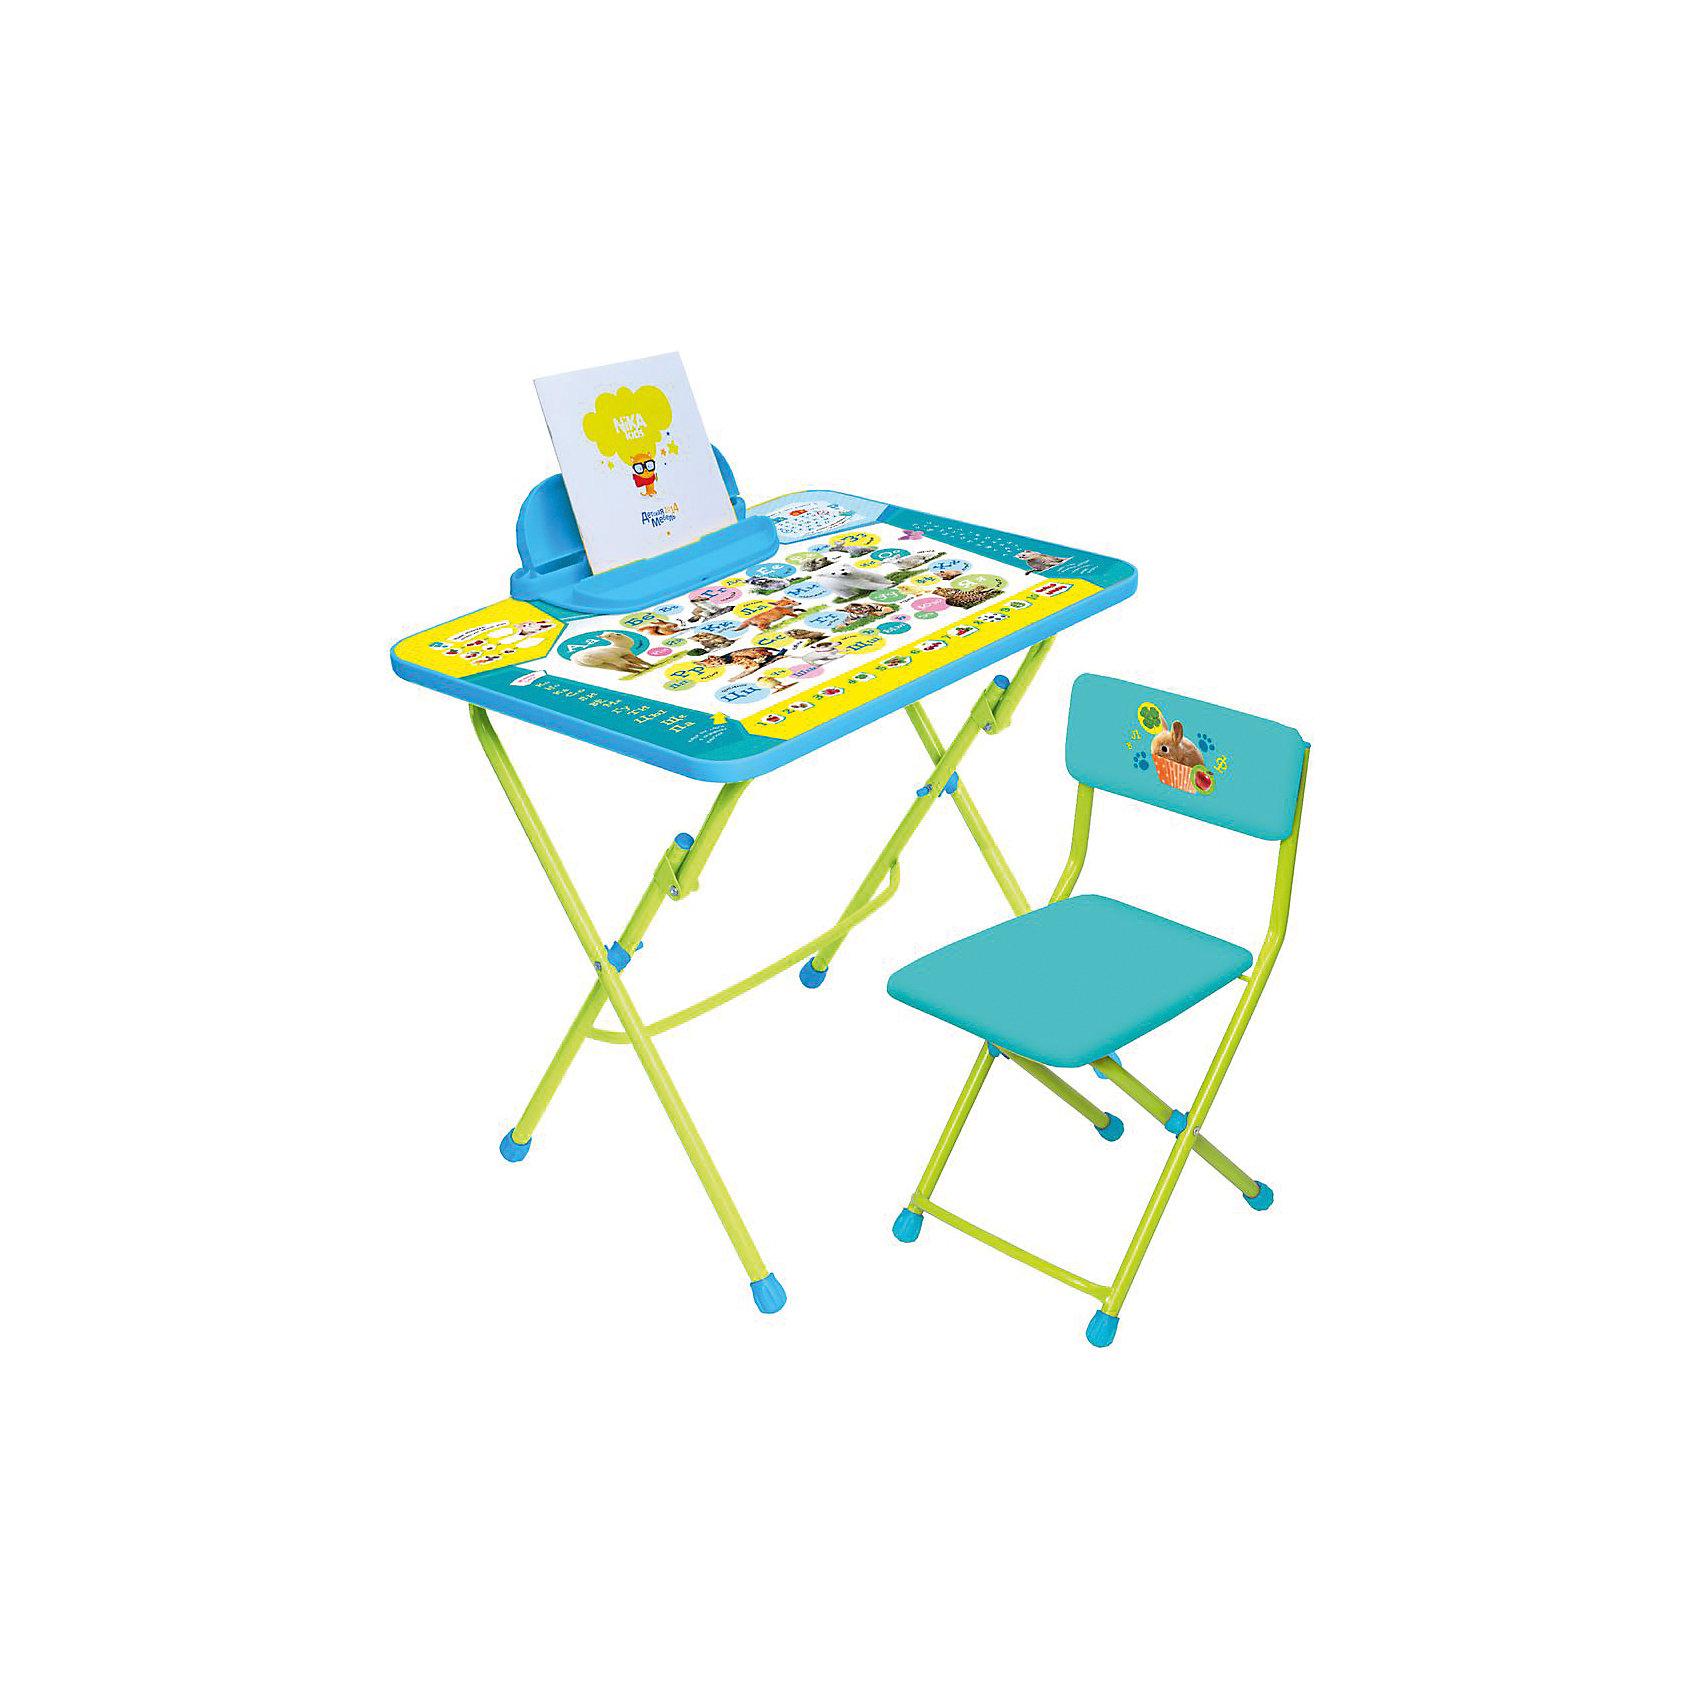 Набор мебели КУ2/ПА. Пушистая азбука, НикаМебель<br>Характеристики товара:<br><br>• материал: металл, пластик<br>• размер столешницы: 60х45 см<br>• высота стола: 58 см<br>• сиденье: 31х27 см<br>• высота до сиденья: 32 см<br>• высота со спинкой 57 см<br>• подставка для ног<br>• пенал<br>• складной<br>• на столешнице - полезные рисунки<br>• на ламинированной поверхности стола можно рисовать маркером на водной основе<br>• на ножках пластмассовые наконечники<br>• складной<br>• возраст: от 3 до 7 лет<br>• страна бренда: Российская Федерация<br>• страна производства: Российская Федерация<br><br>Детская мебель может быть удобной и эргономичной! Этот комплект разработан специально для детей от трех до семи лет. Он легко складывается и раскладывается, занимает немного места, легко моется. Каркас сделан из прочного, но легкого металла, а на ножках установлены пластмассовые наконечники для защиты напольного покрытия. Столешница украшена полезными познавательными рисунками. Отличное решение как для кормления малыша, так и для игр, творчества и обучения!<br>Правильно подобранная мебель помогает ребенку расти здоровым, формироваться правильной осанке. Изделие производится из качественных сертифицированных материалов, безопасных даже для самых маленьких.<br><br>Набор мебели Пушистая азбука от бренда Ника можно купить в нашем интернет-магазине.<br><br>Ширина мм: 750<br>Глубина мм: 155<br>Высота мм: 610<br>Вес г: 8080<br>Возраст от месяцев: 36<br>Возраст до месяцев: 84<br>Пол: Унисекс<br>Возраст: Детский<br>SKU: 5223630